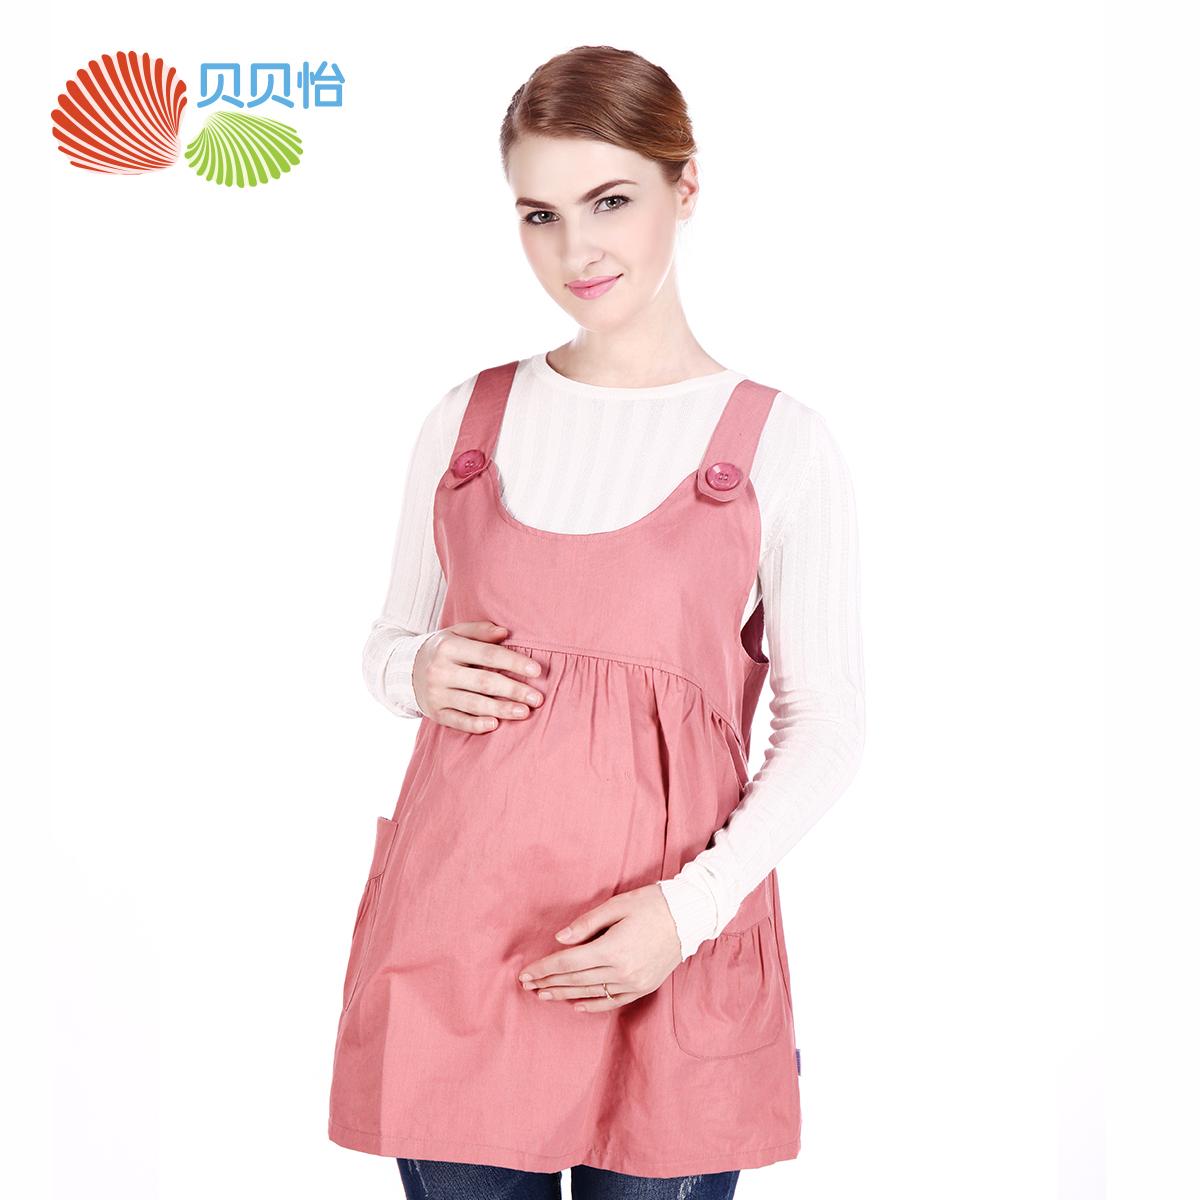 Младенец радость беременная женщина anti излучение одежда фартук электромагнитный волна компьютер четыре сезона универсальный стирающийся строп окружать 161Y036